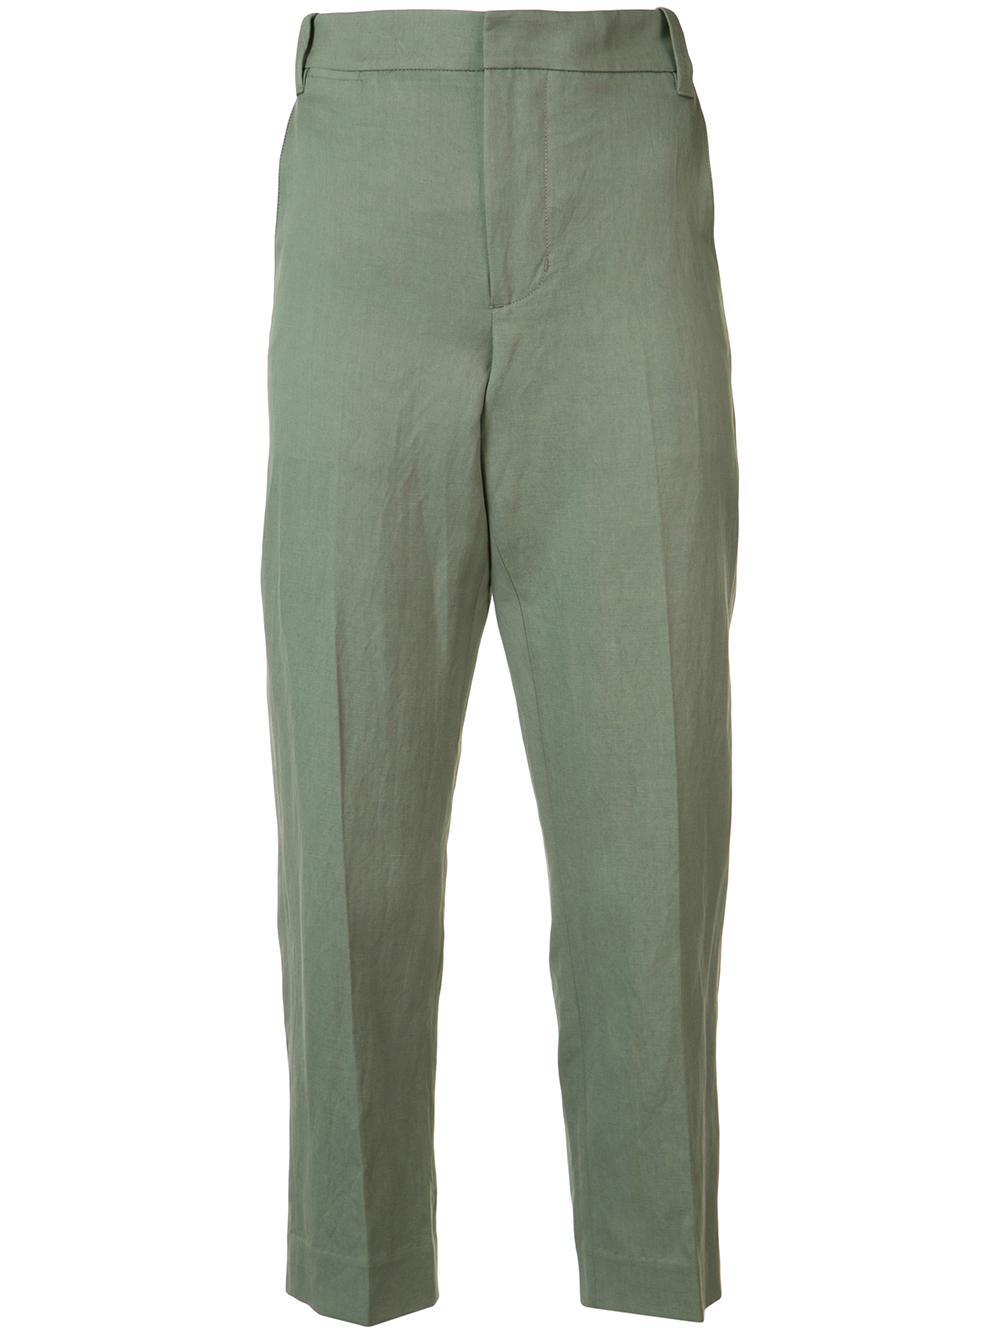 Coin Pocket Crop Linen Trouser